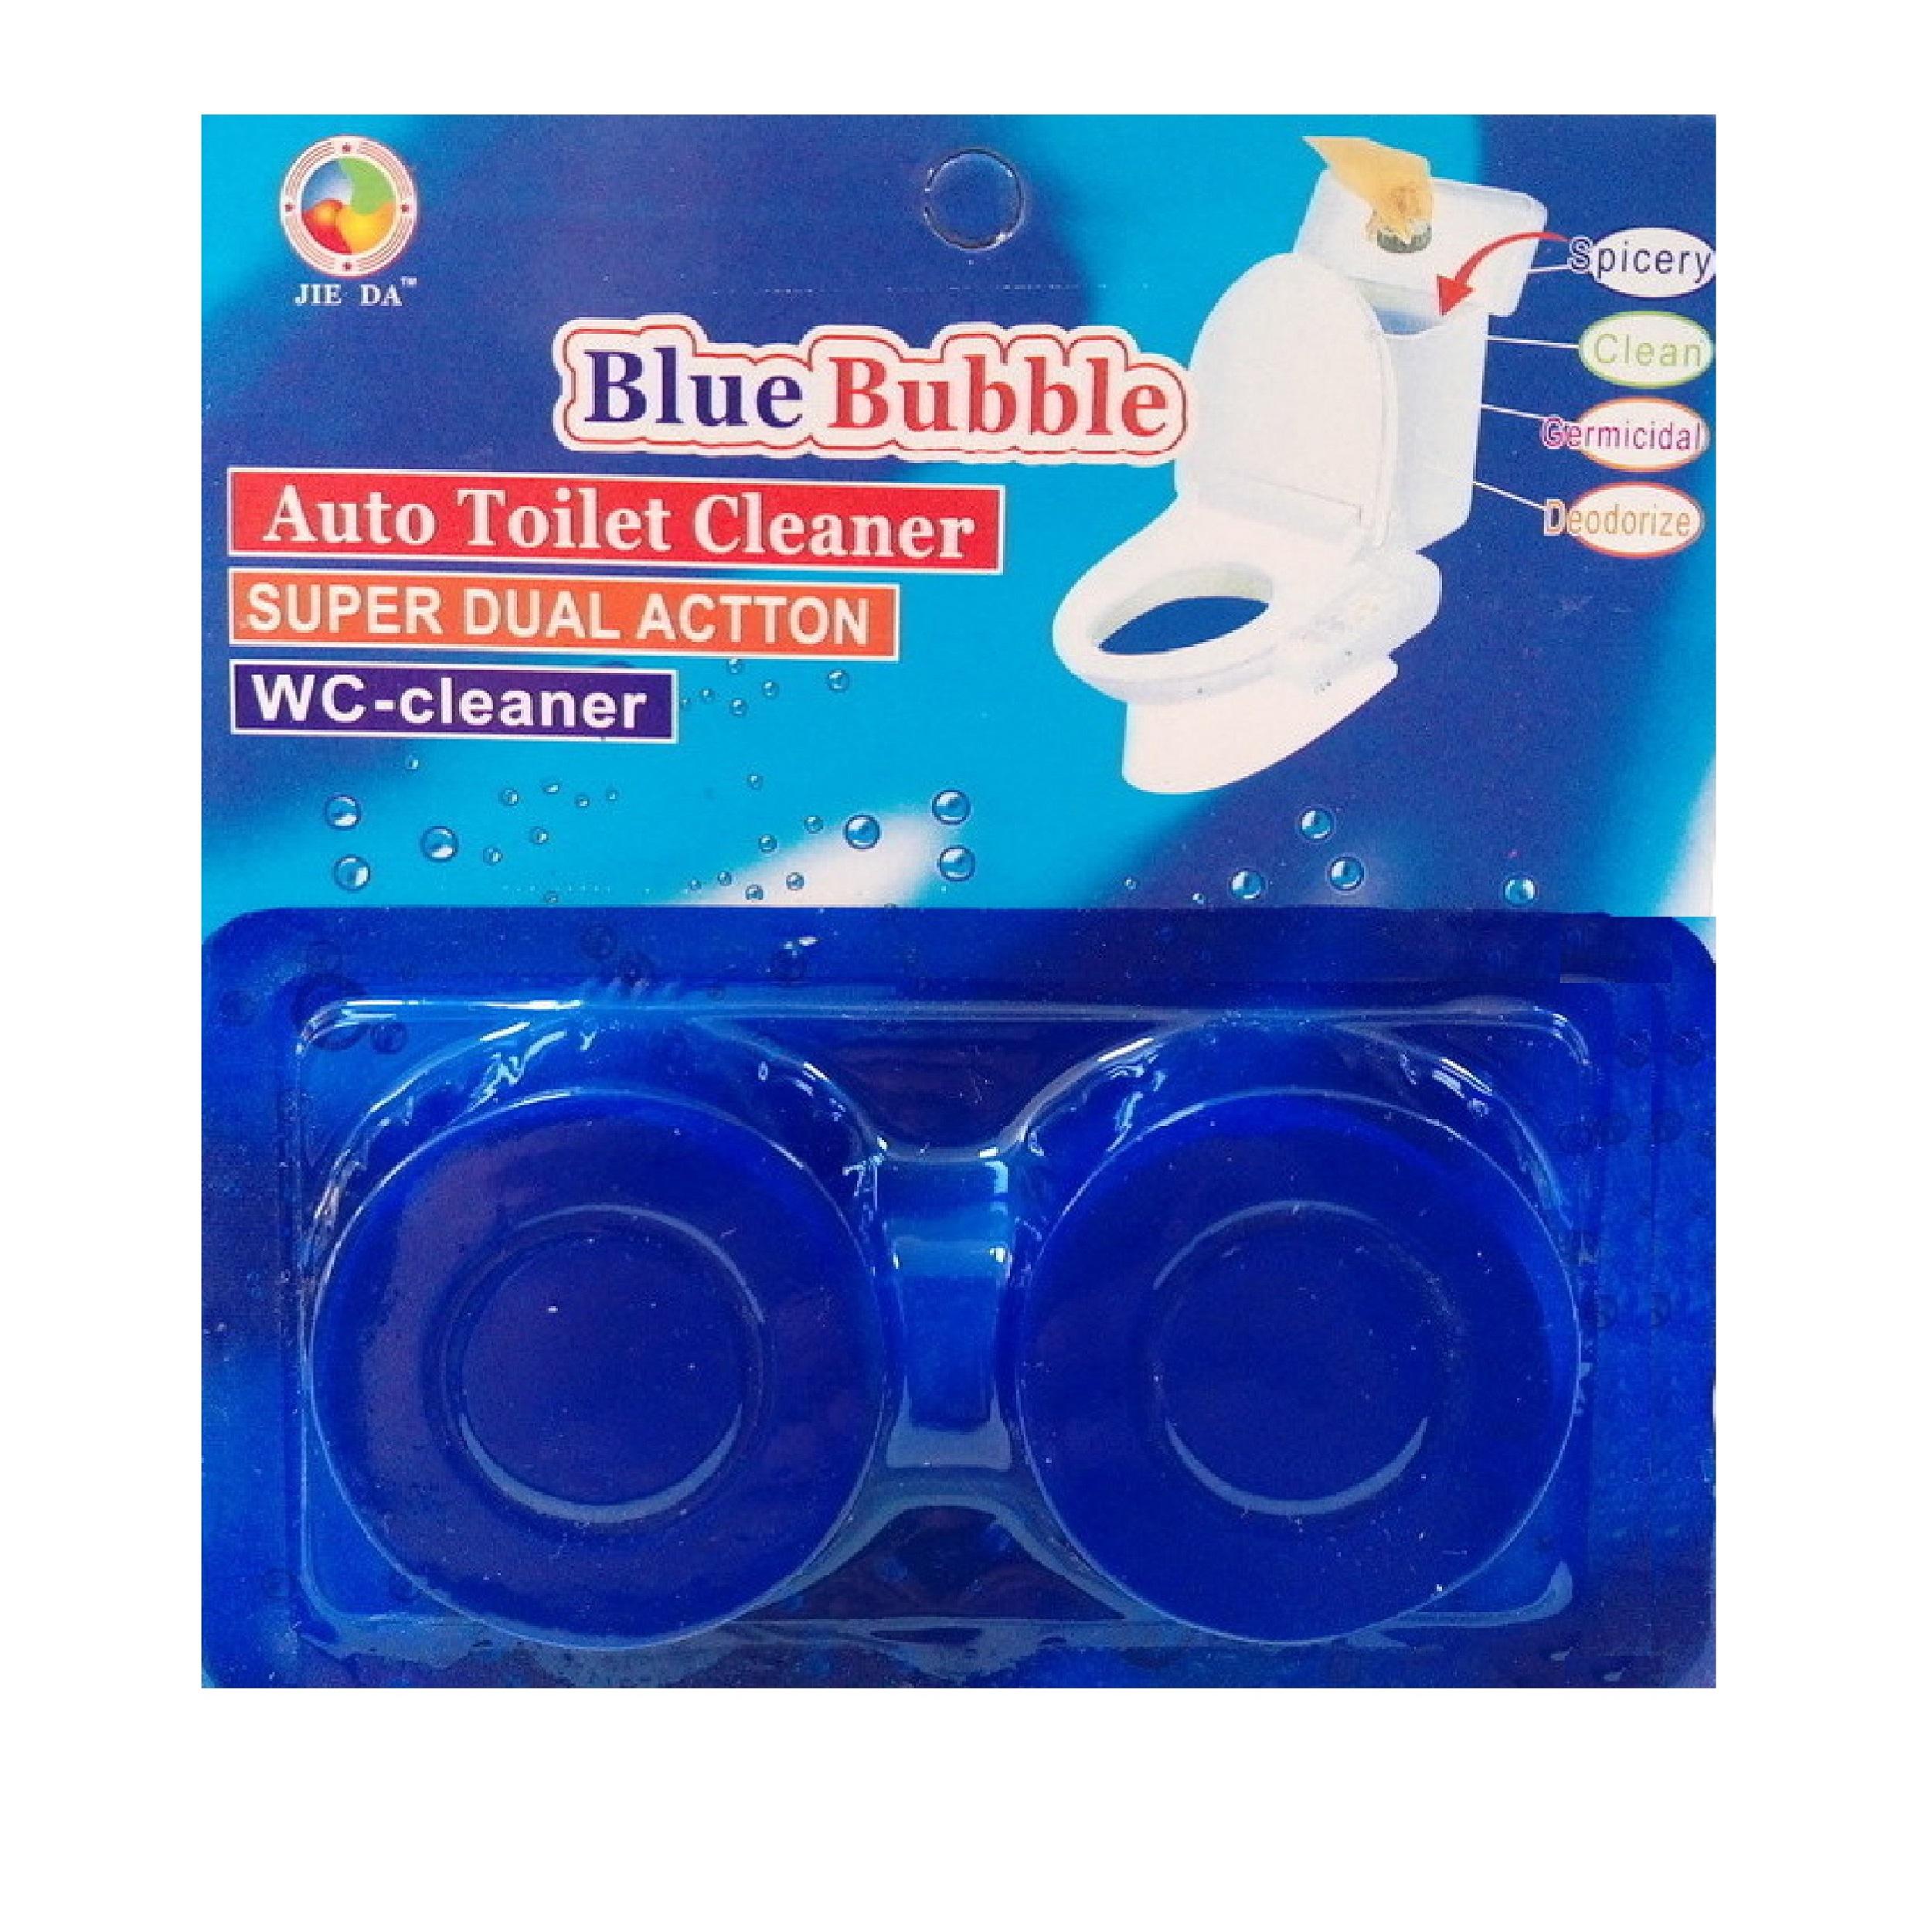 خرید اینترنتی قرص جرم گیر توالت فرنگی Blue Bubble مدل 777بسته 2 عددی